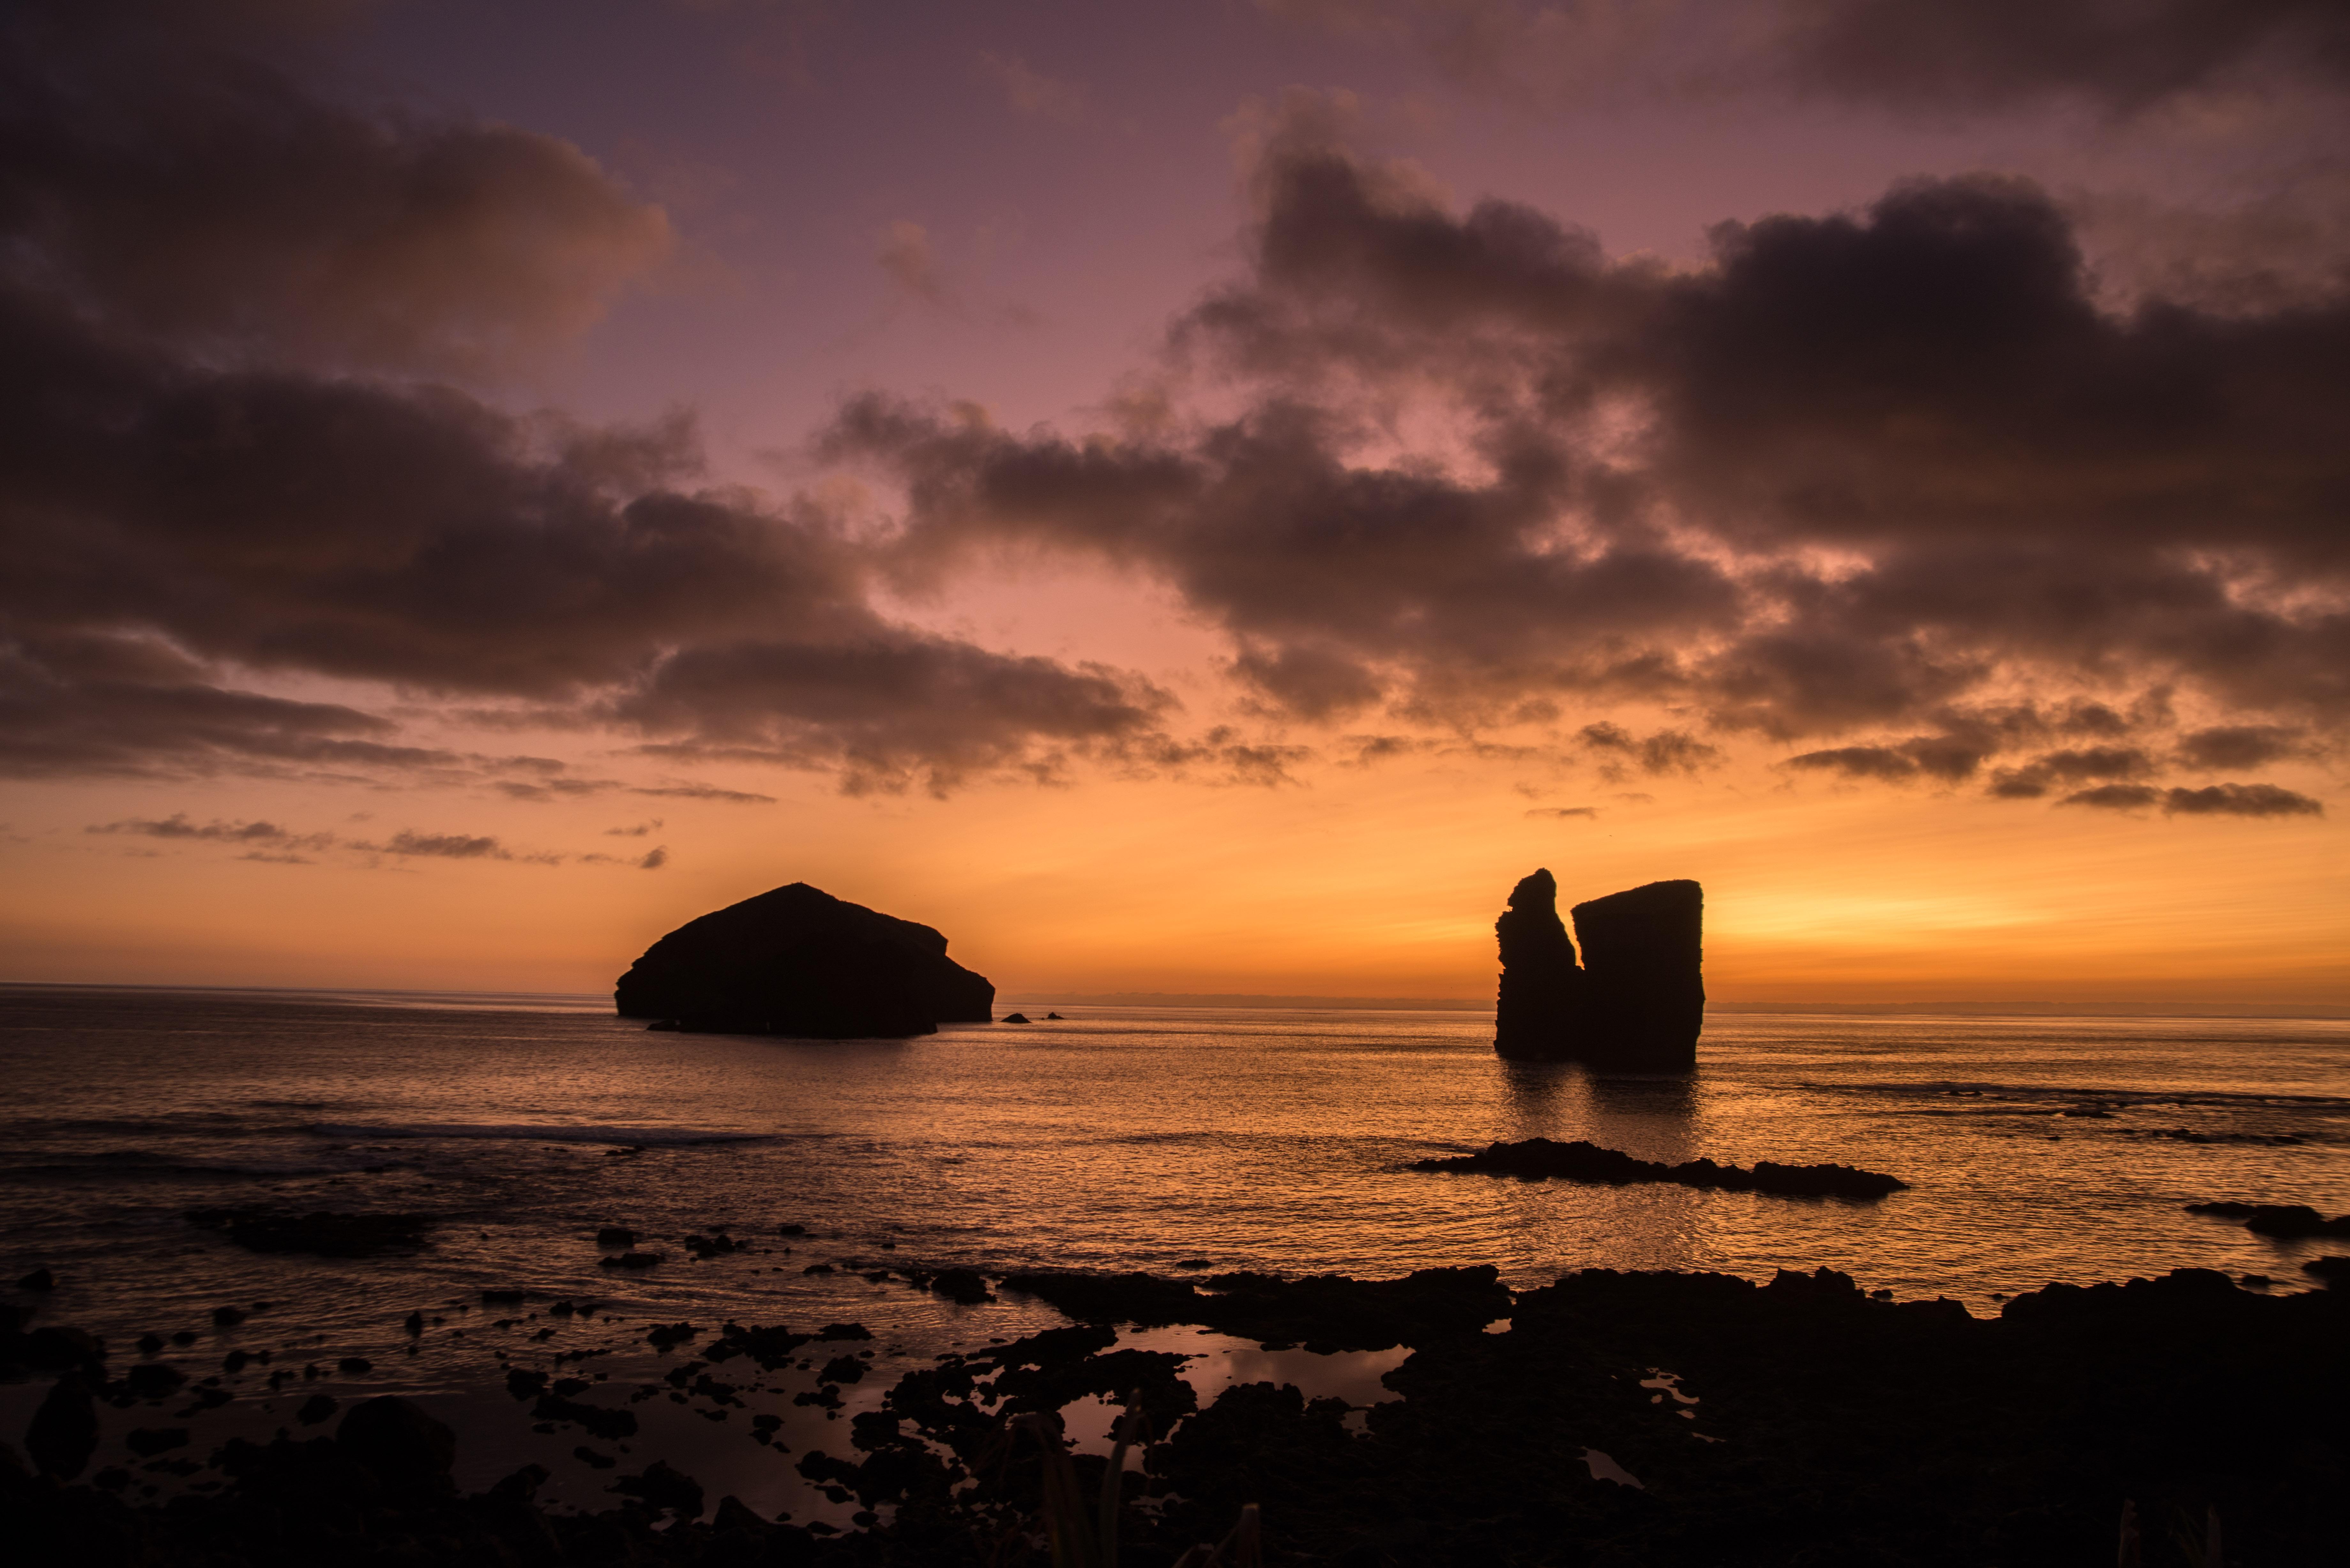 Mosteiros sunset